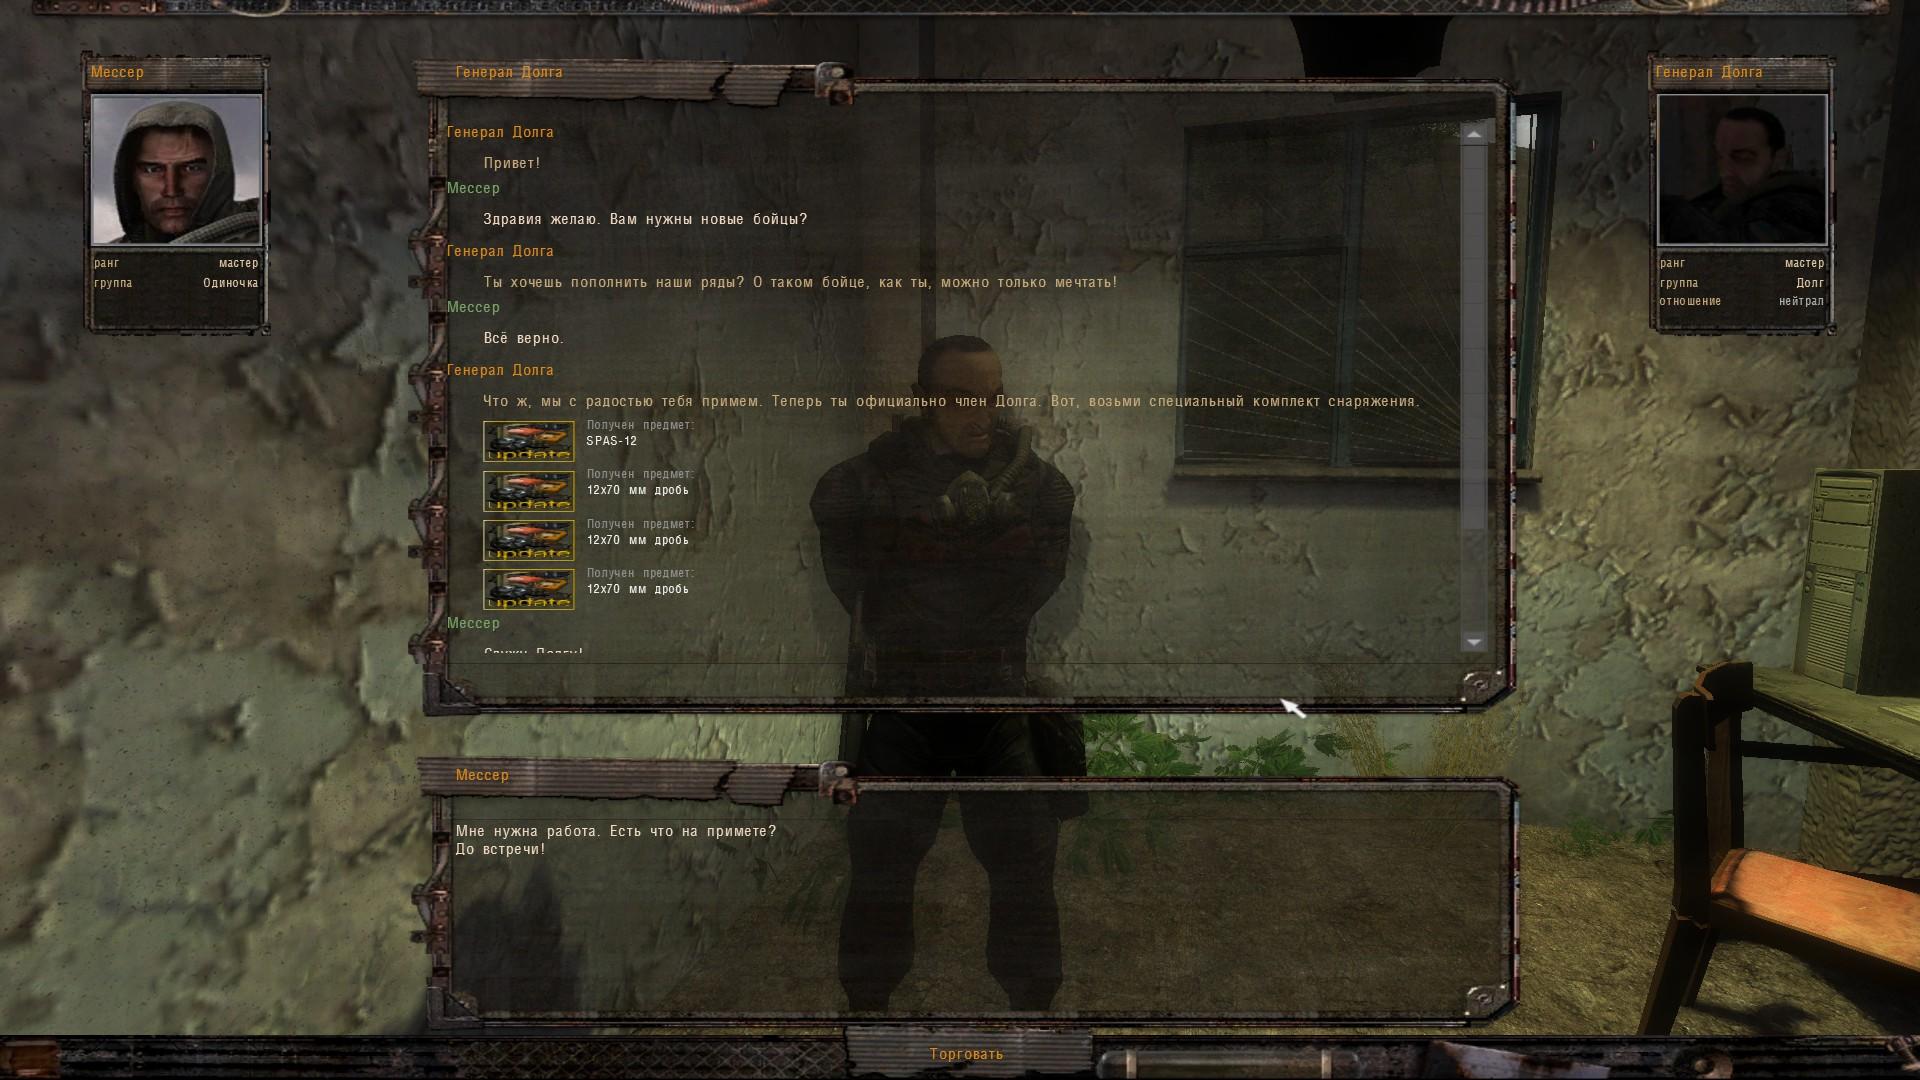 Oblivion Lost Remake 2.5 image 177